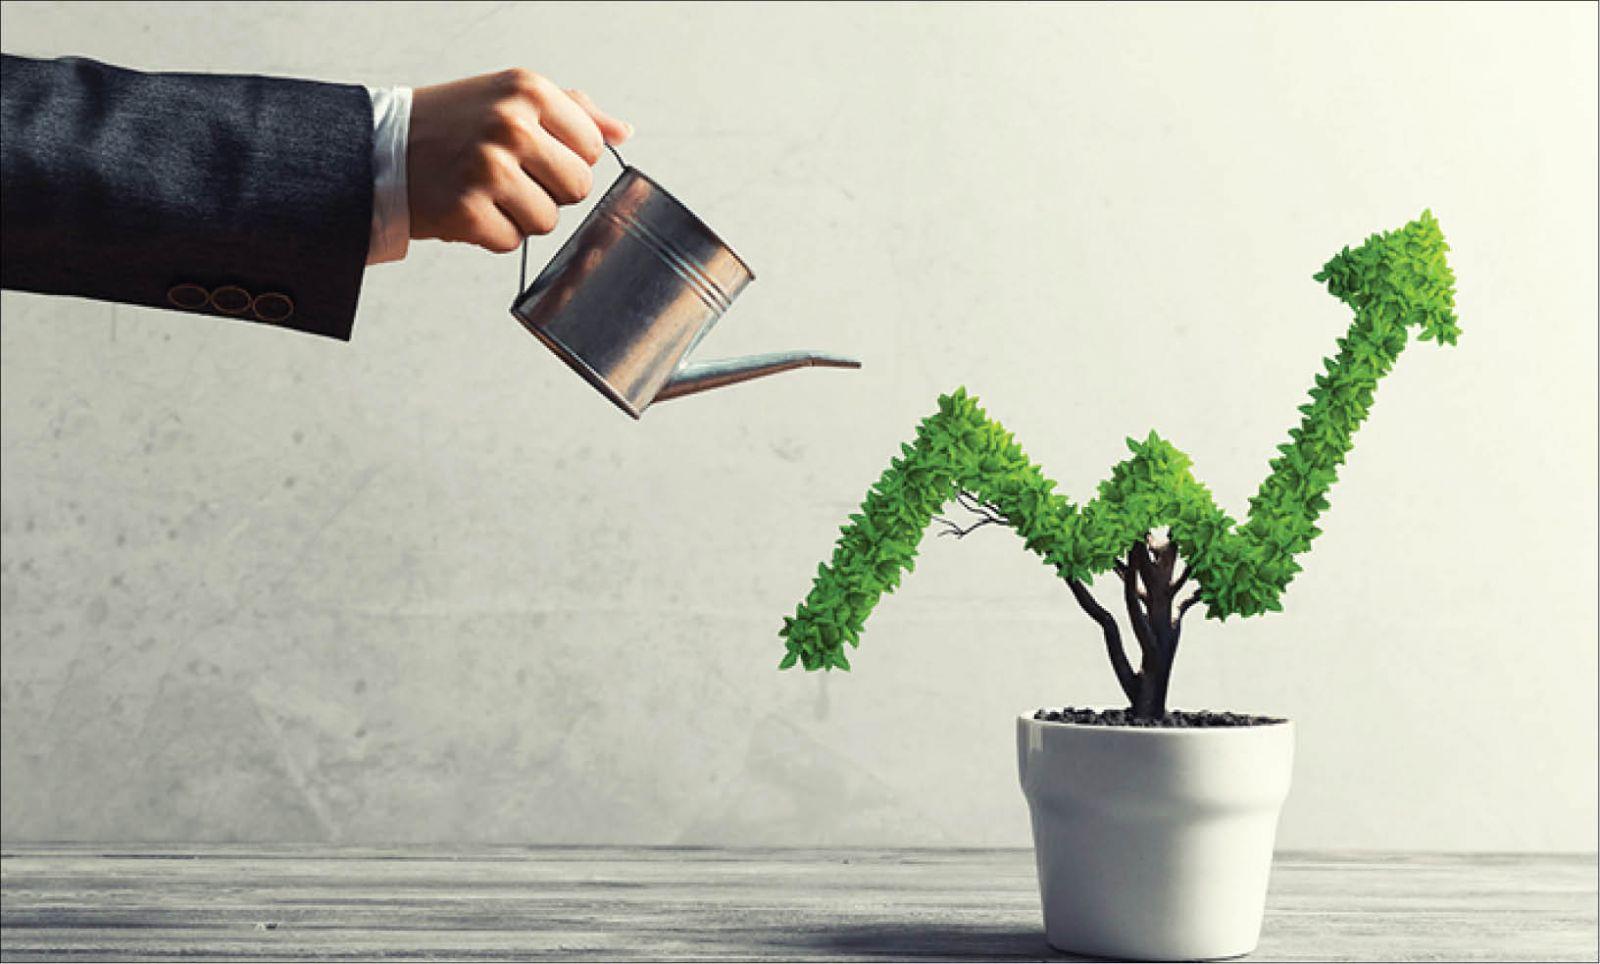 Học đầu tư chứng khoán nên bắt đầu từ đâu?